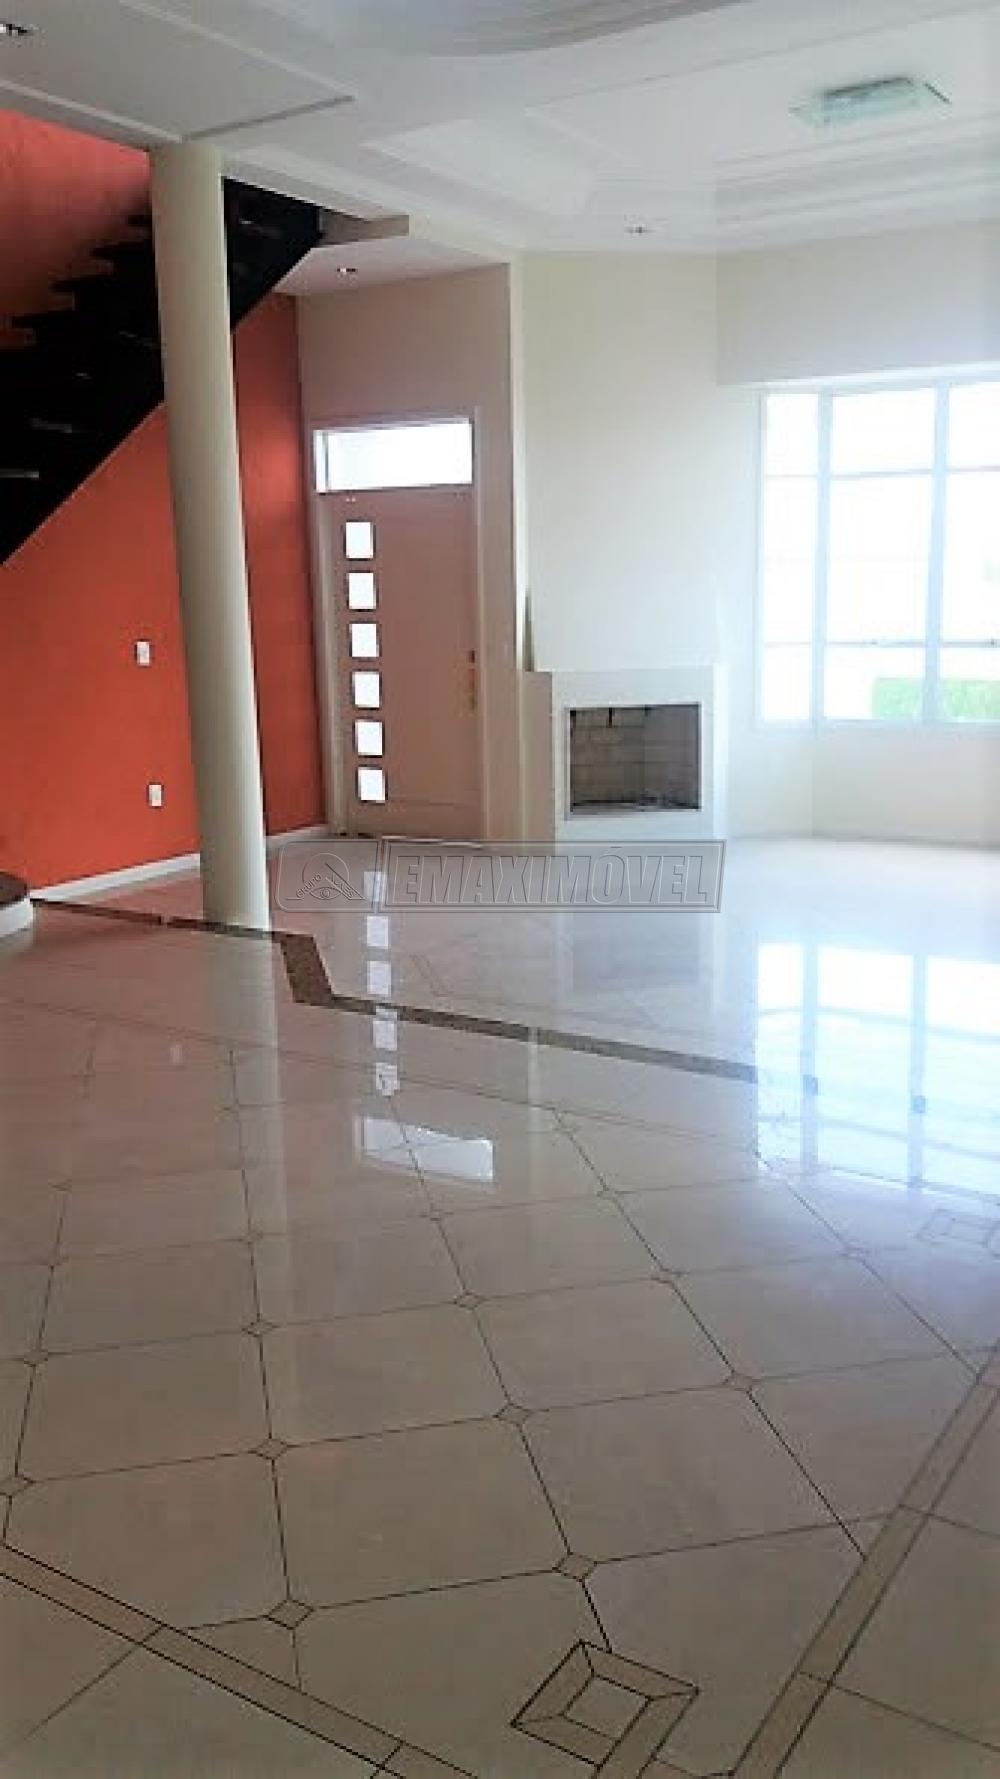 Comprar Casas / em Bairros em Sorocaba apenas R$ 899.000,00 - Foto 2